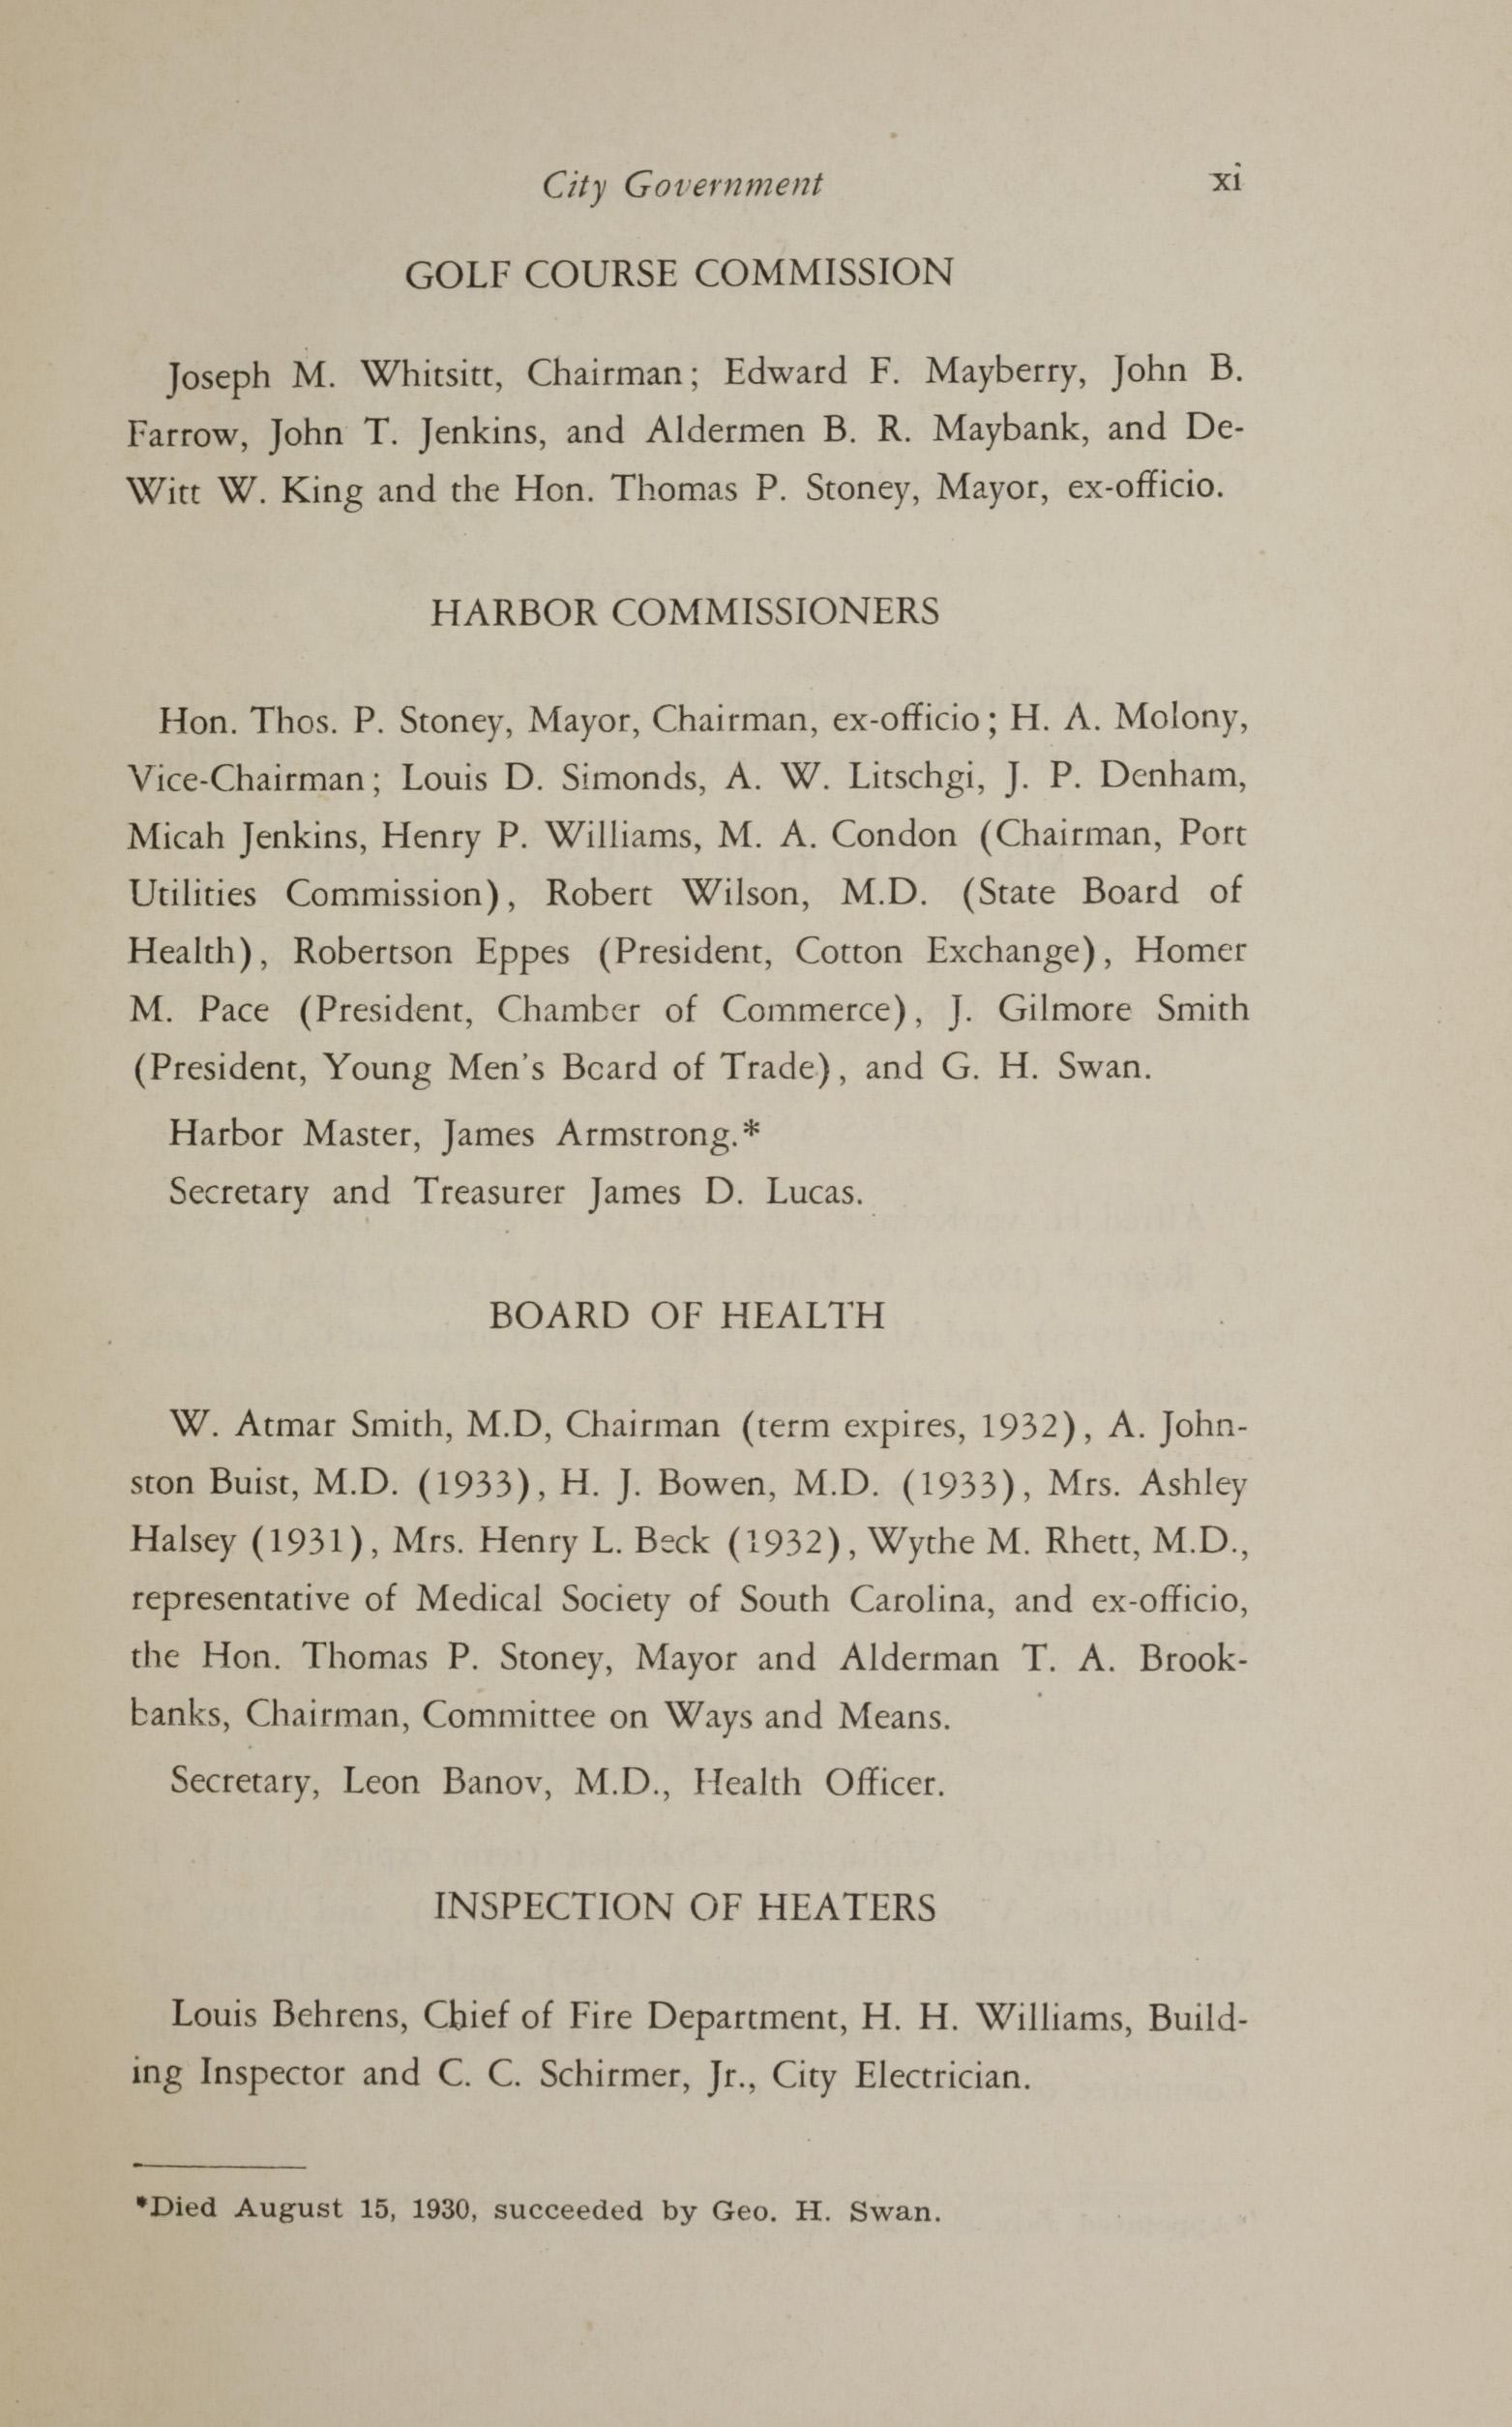 Charleston Yearbook, 1930, page xi